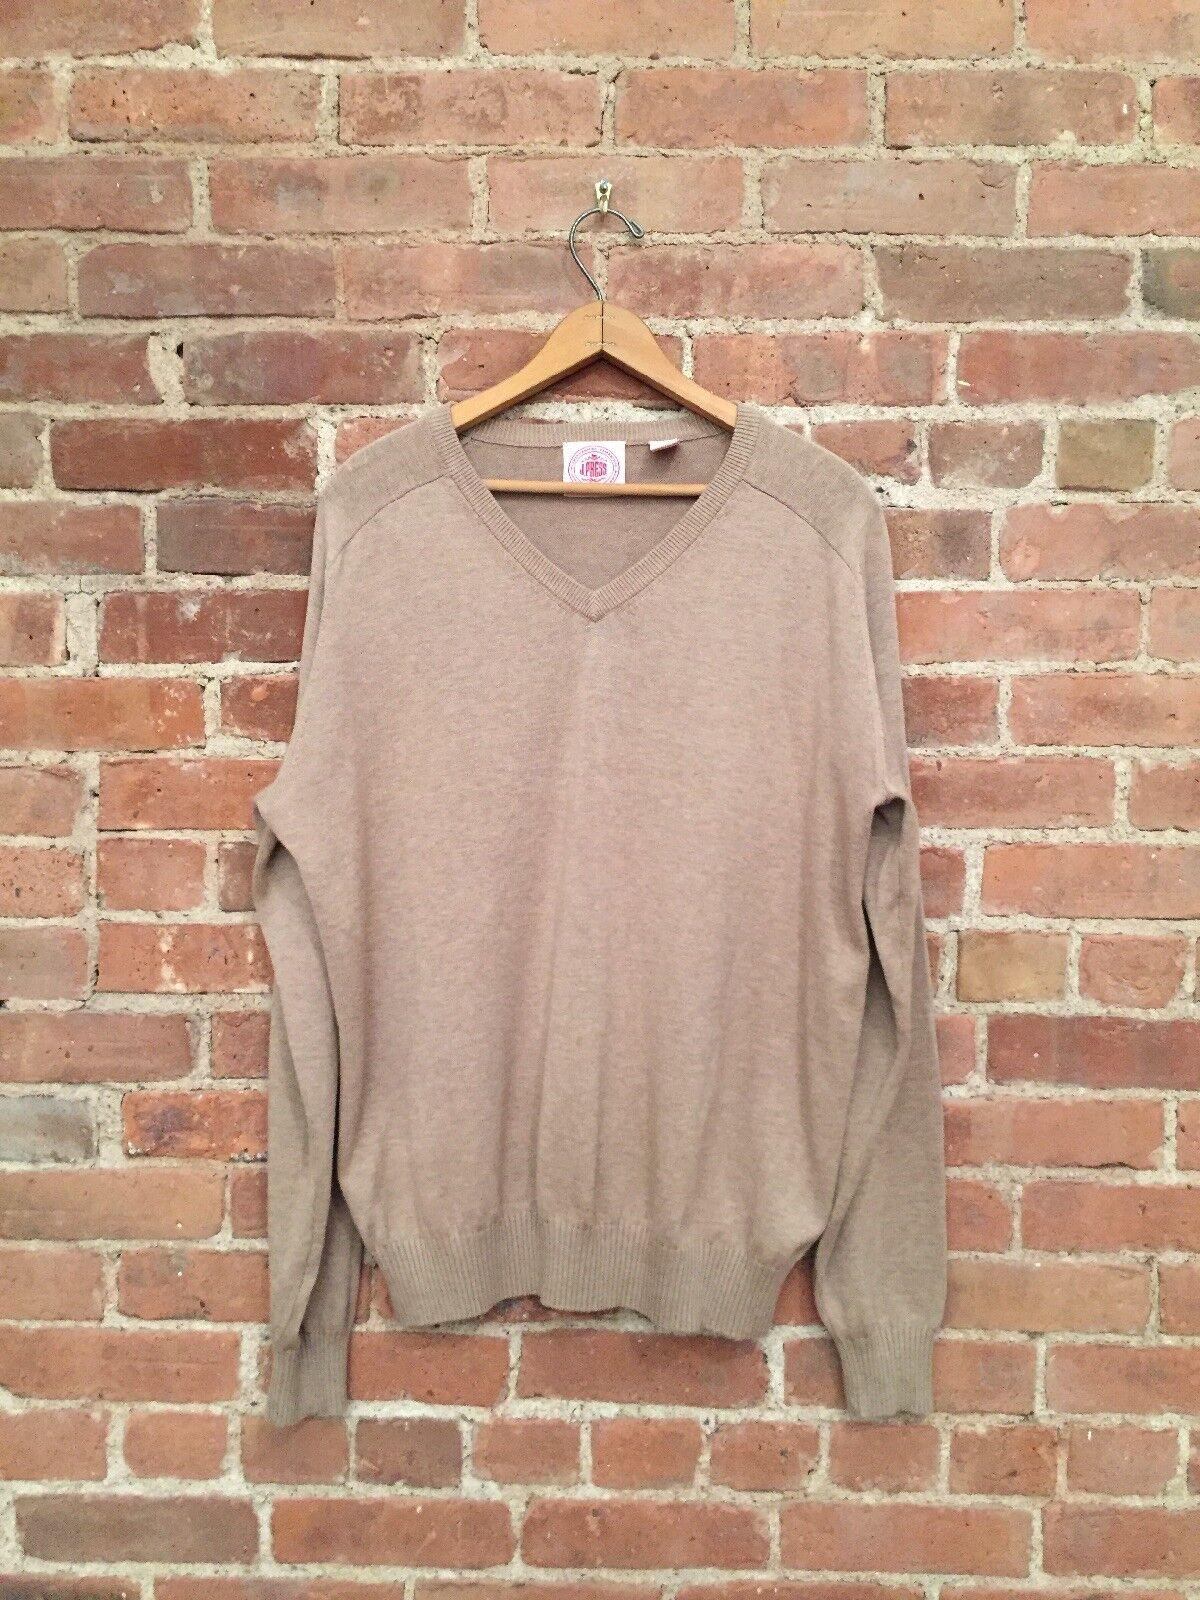 J. Press  Herren Sweater 100% Cotton Größe Medium, Beige